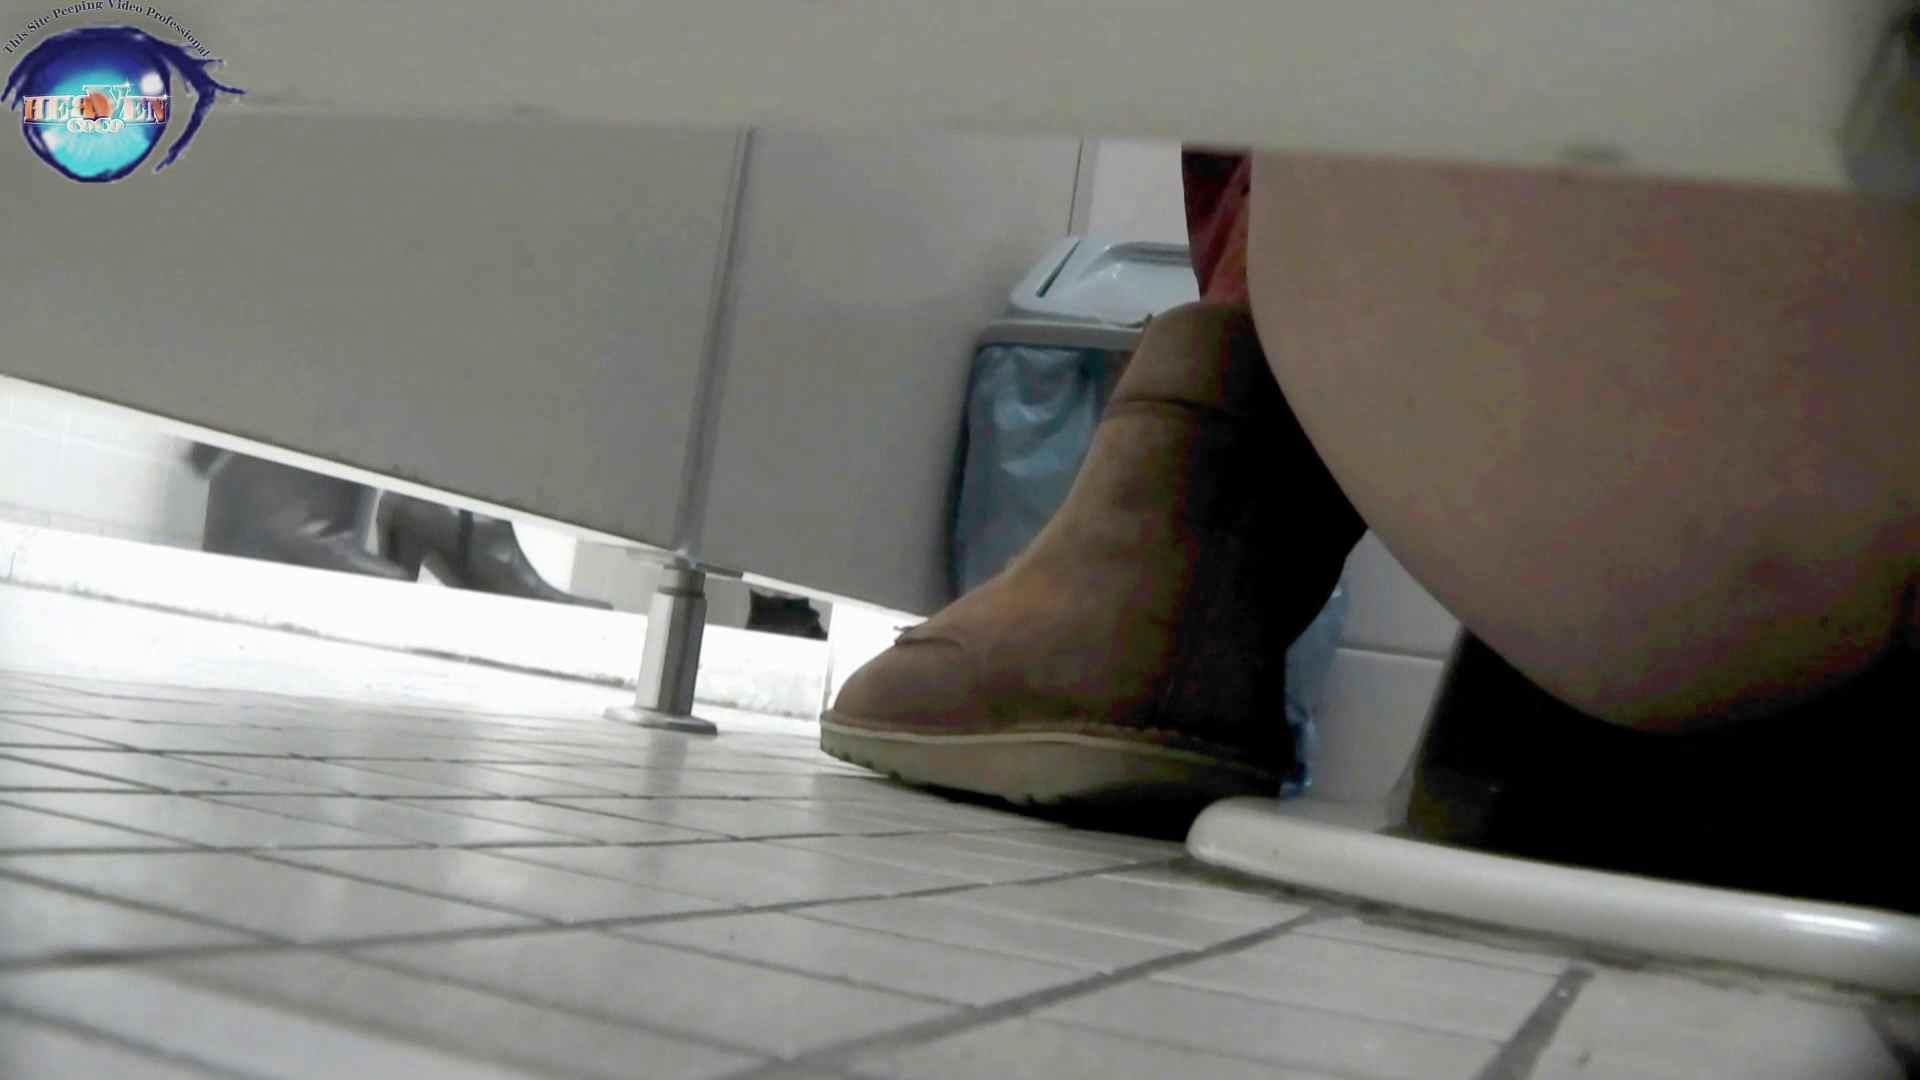 お銀さんの「洗面所突入レポート!!」 vol.65 美女を撮るためにみんなの前に割り込む!!前編 洗面所突入  96pic 93